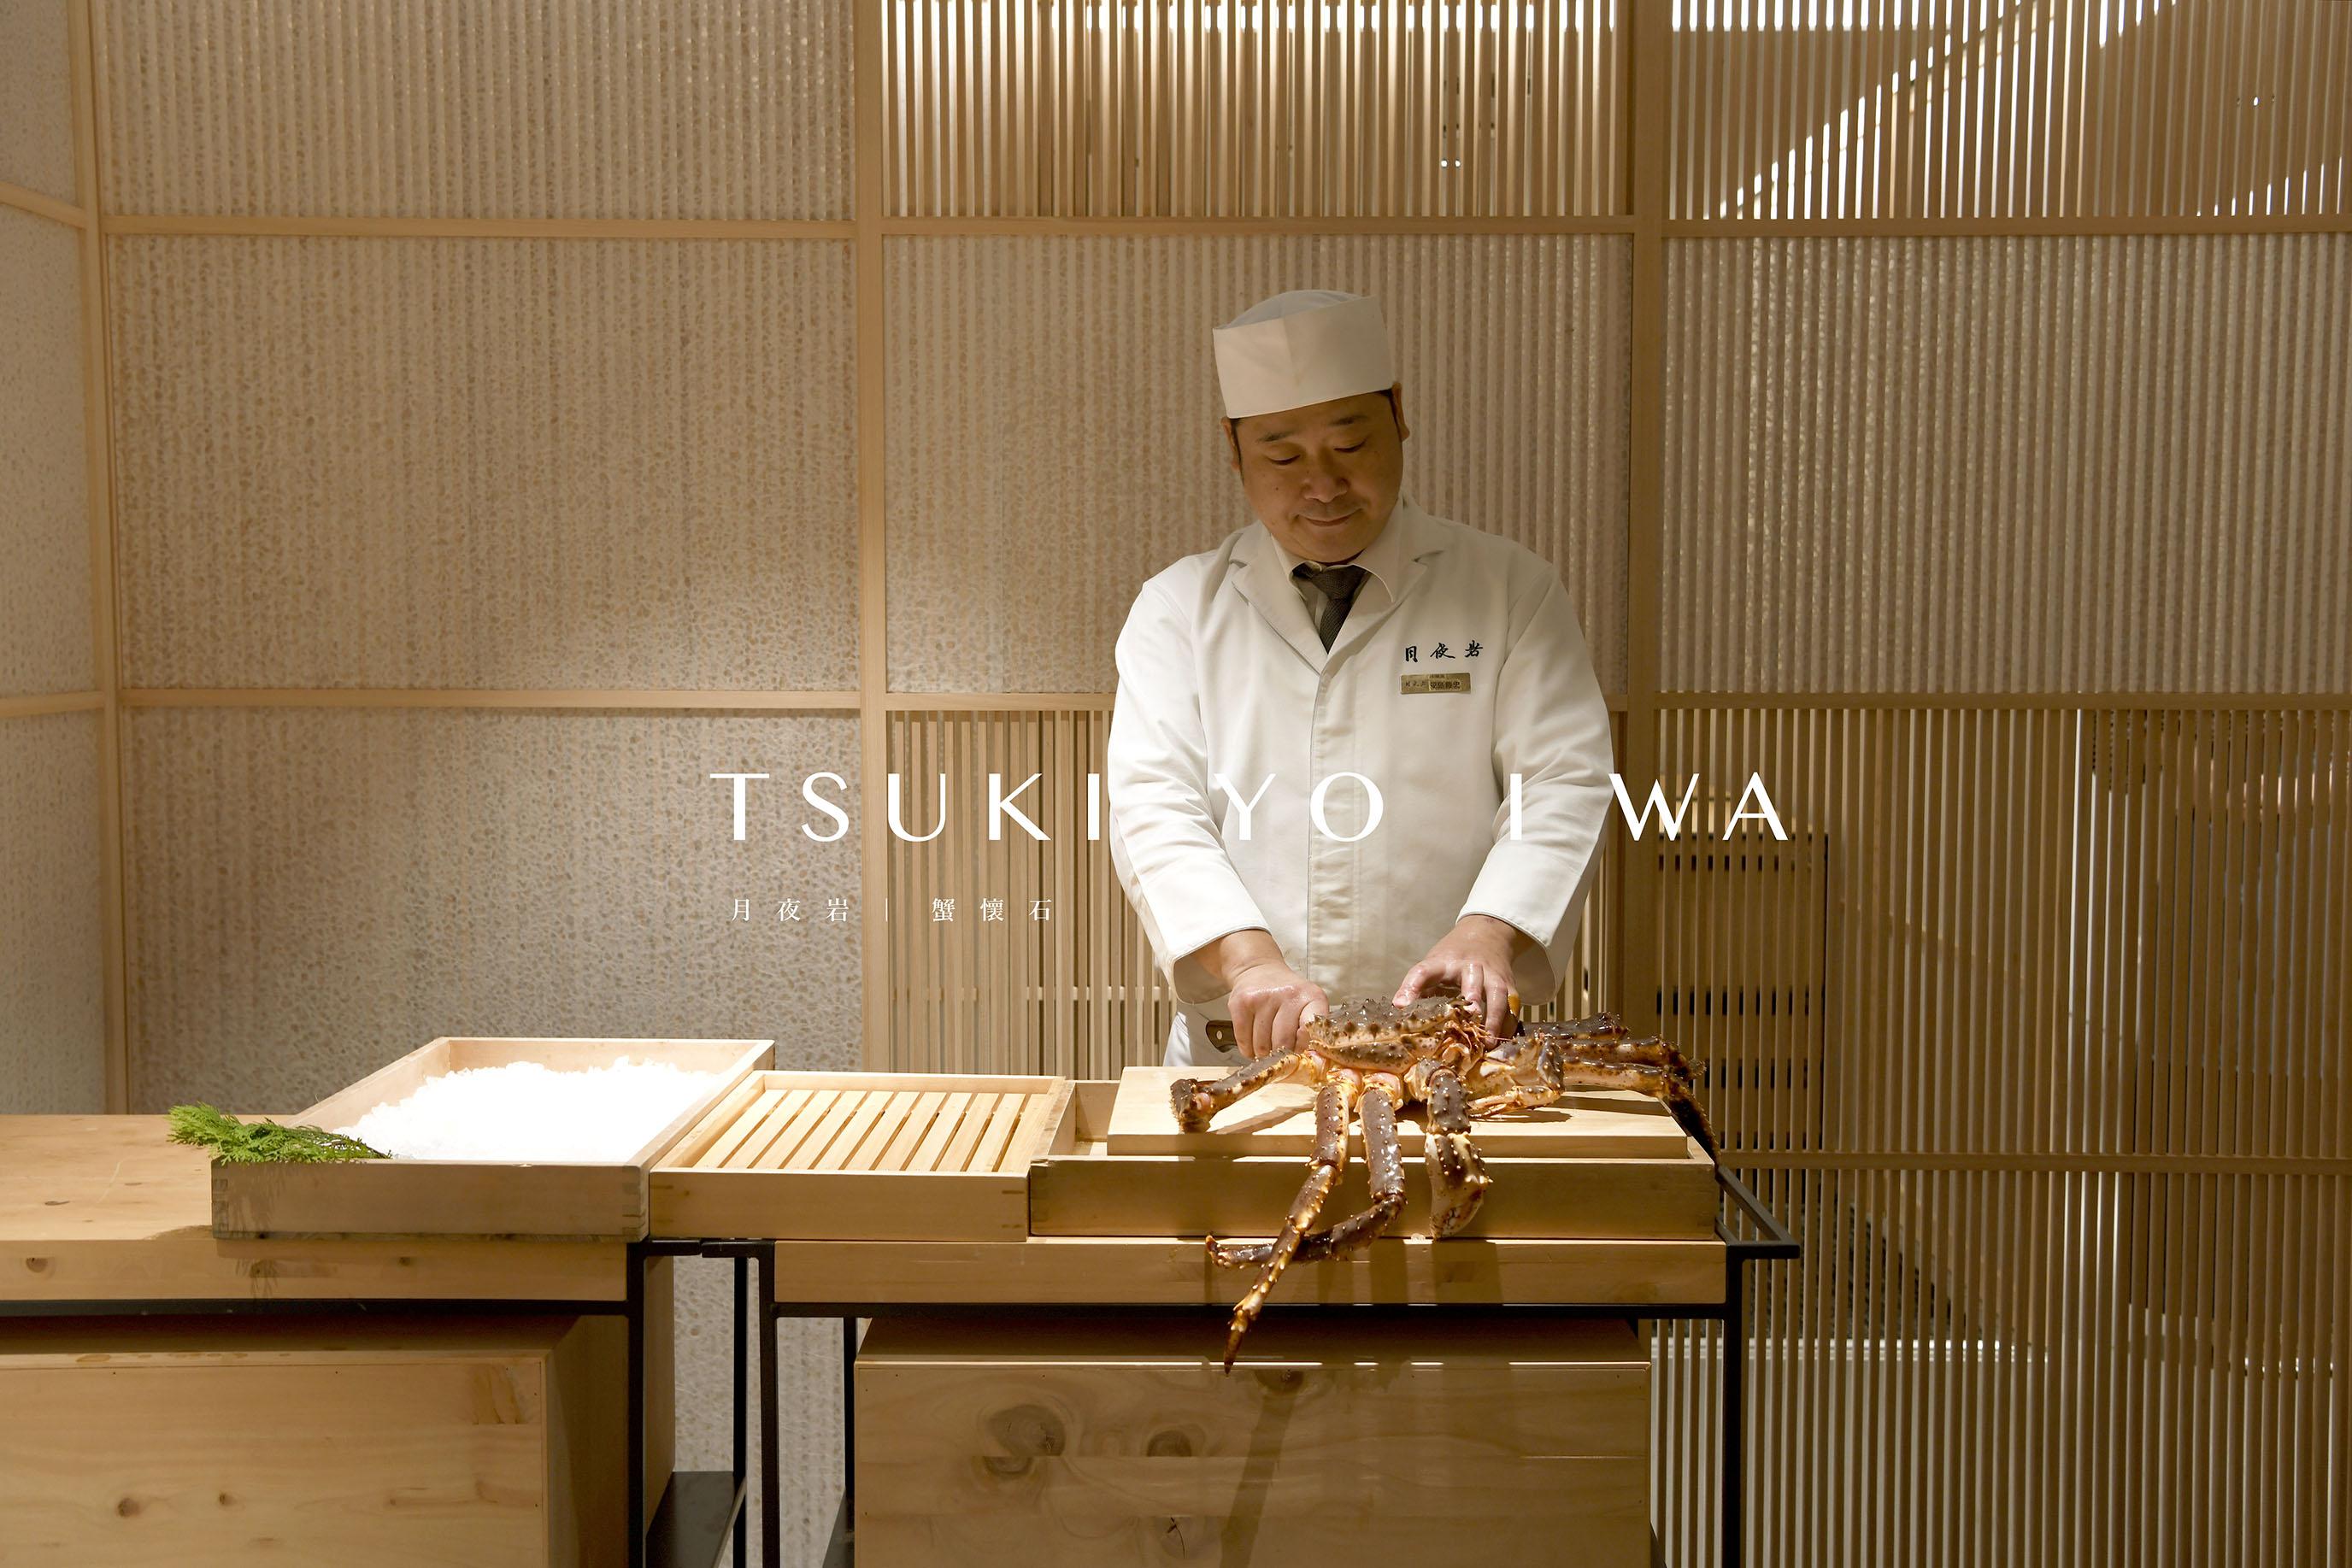 網站近期文章:月夜岩|關於日本活蟹懷料之味,是餐桌上的千變萬化喜悅。